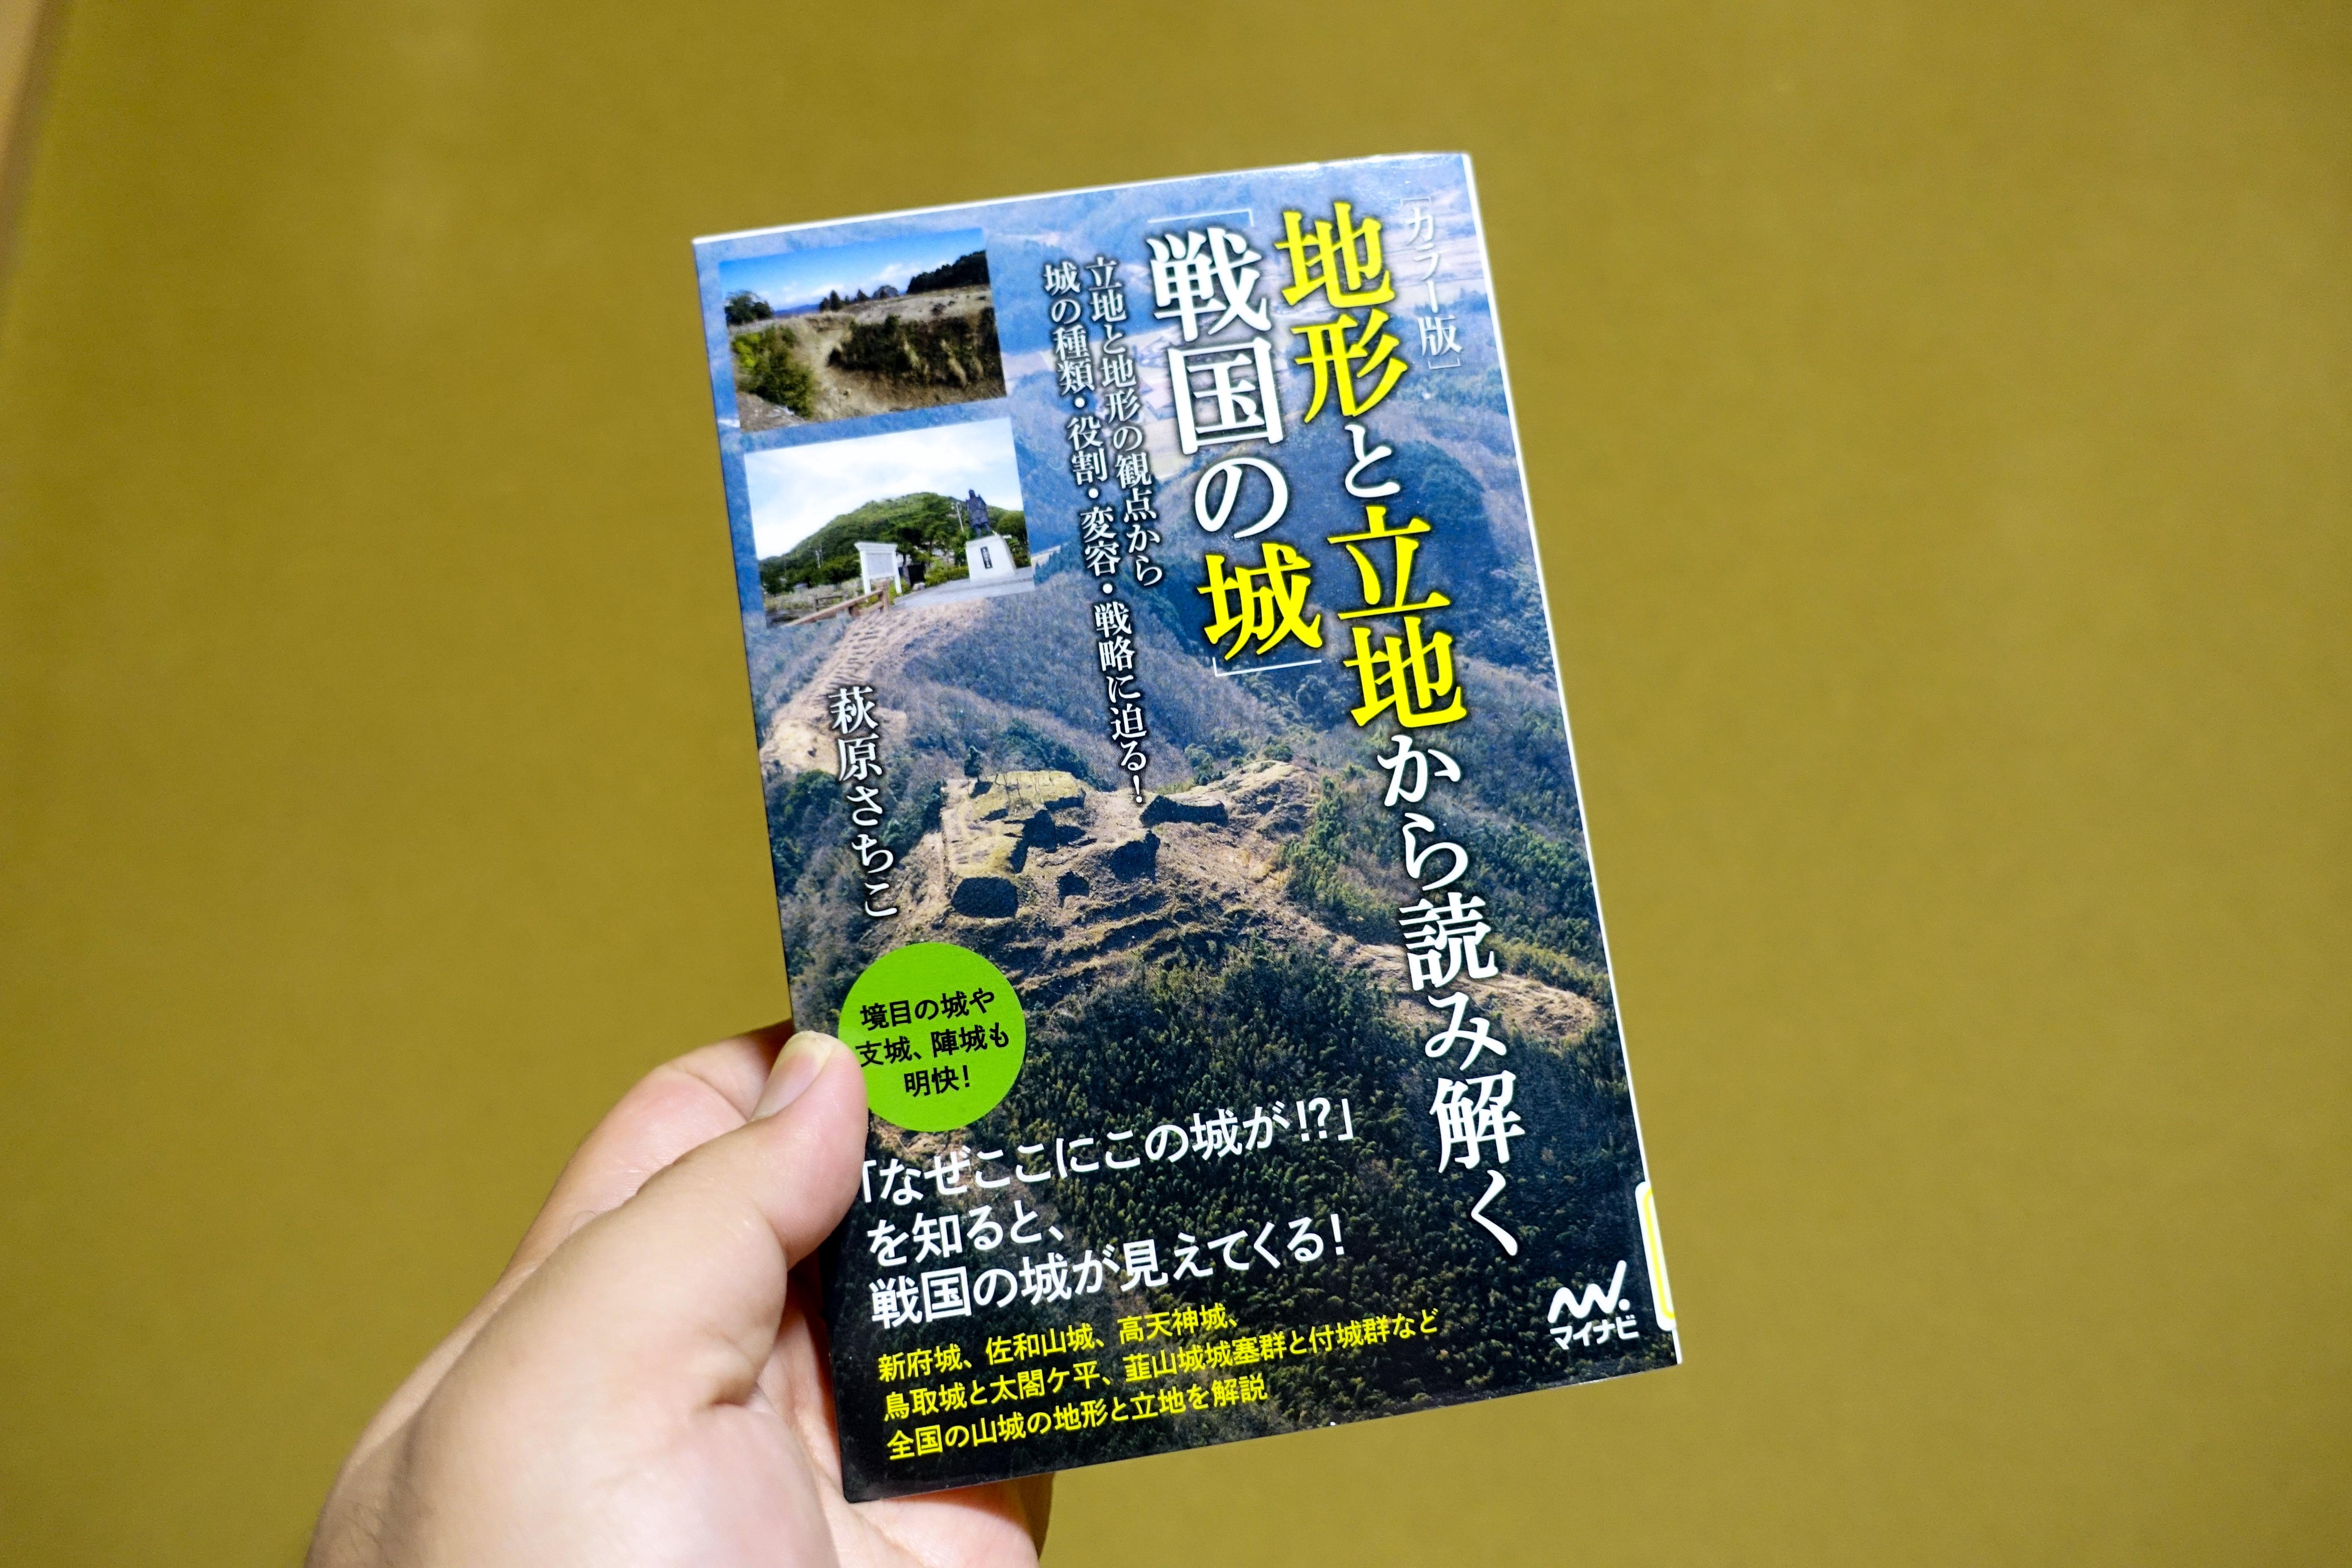 地形と立地から読む「戦国の城」